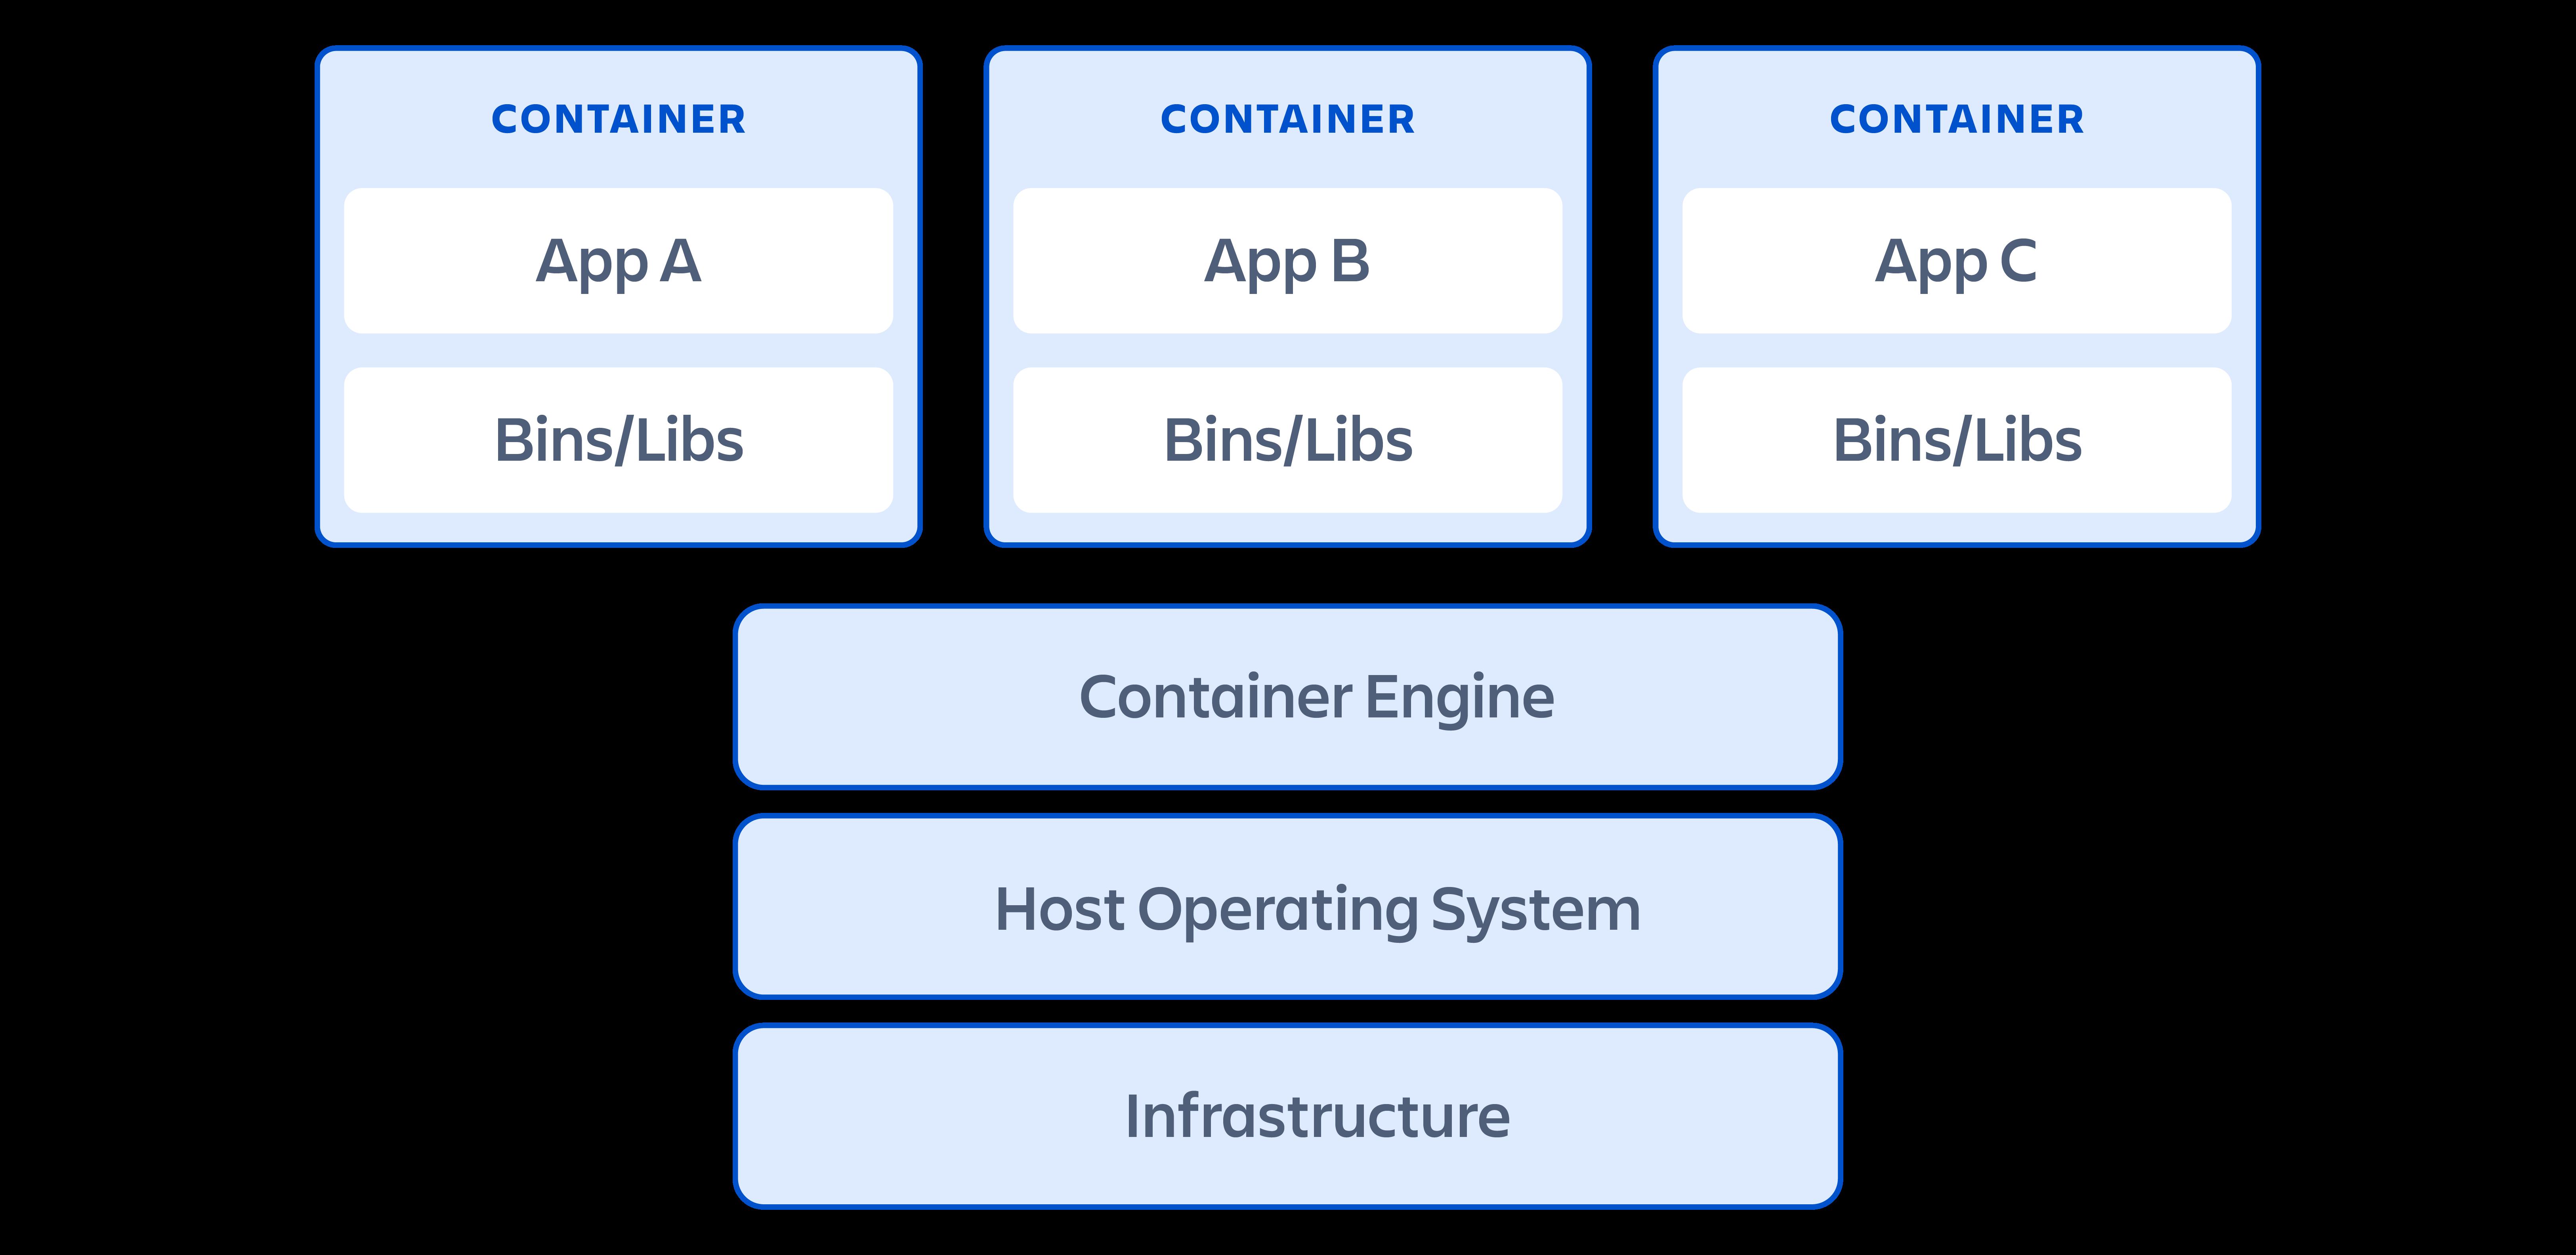 Ein Diagramm, das zeigt, wie Container strukturiert sind